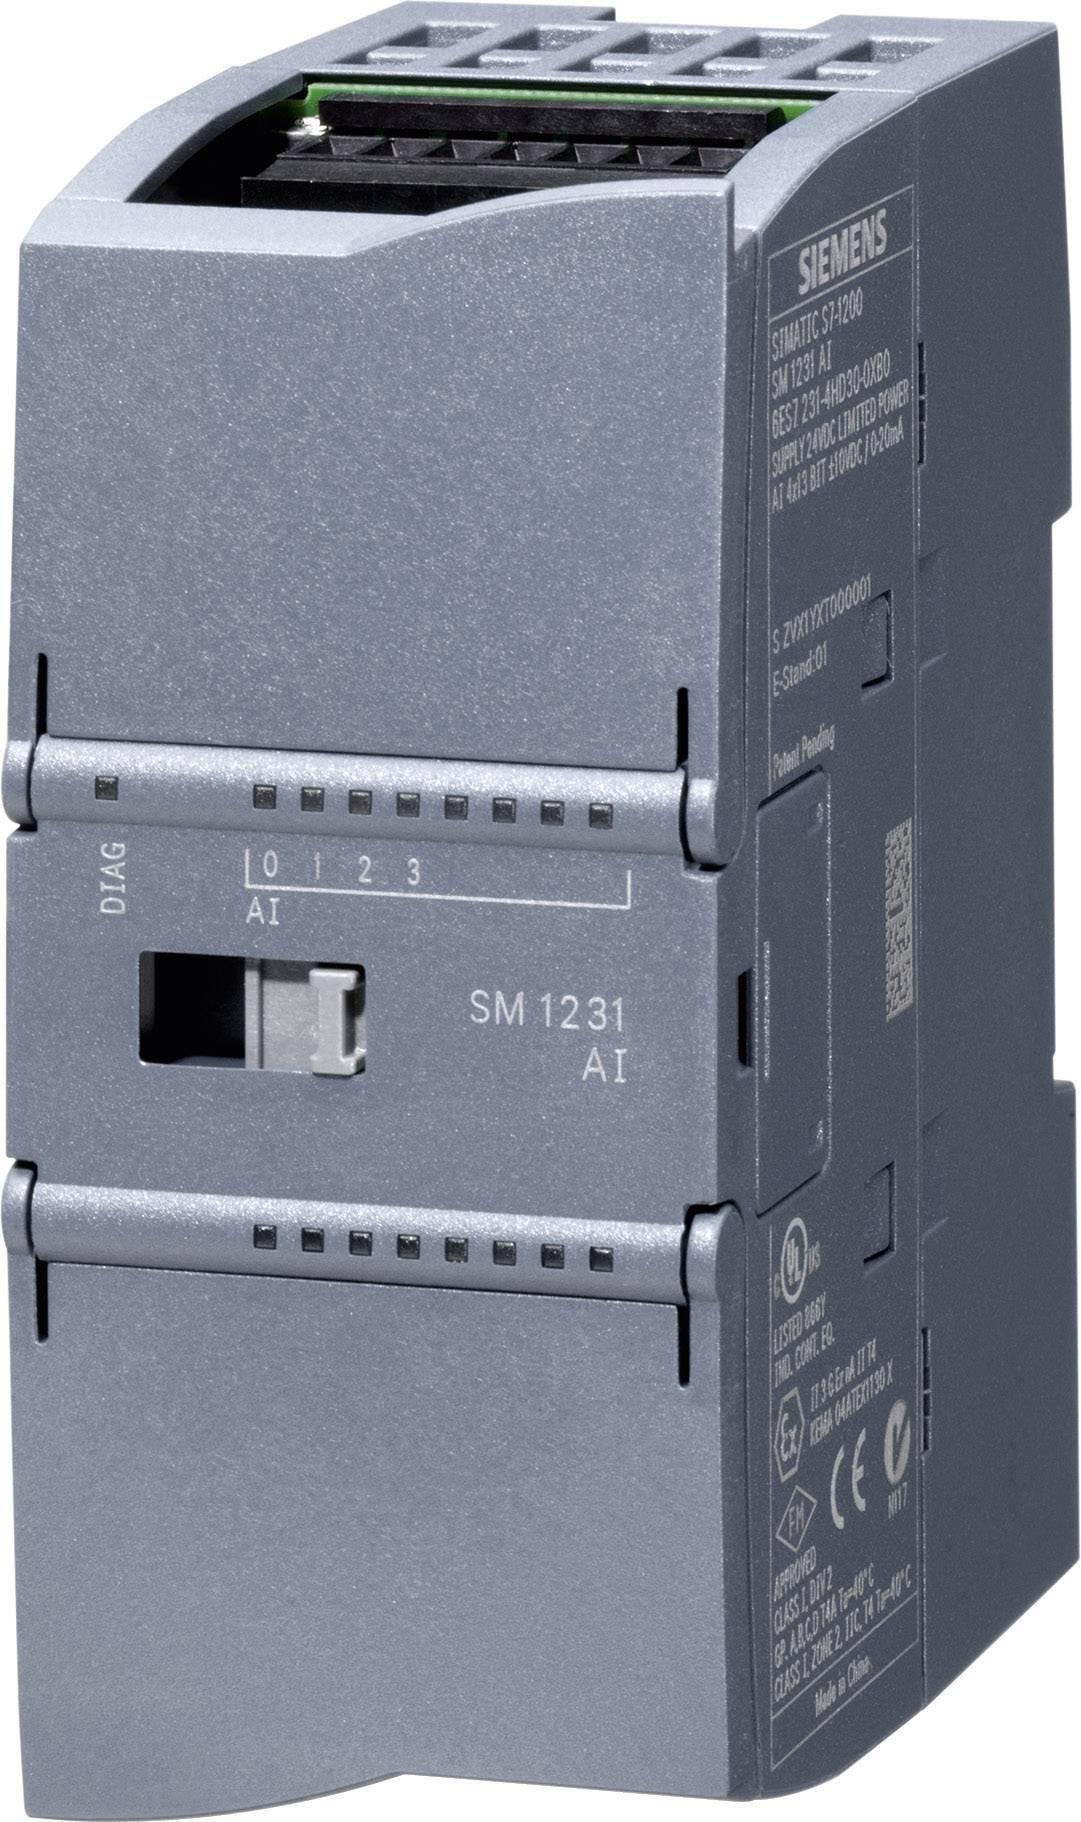 PLC rozširujúci modul Siemens SM 1231 6ES7231-5PF32-0XB0